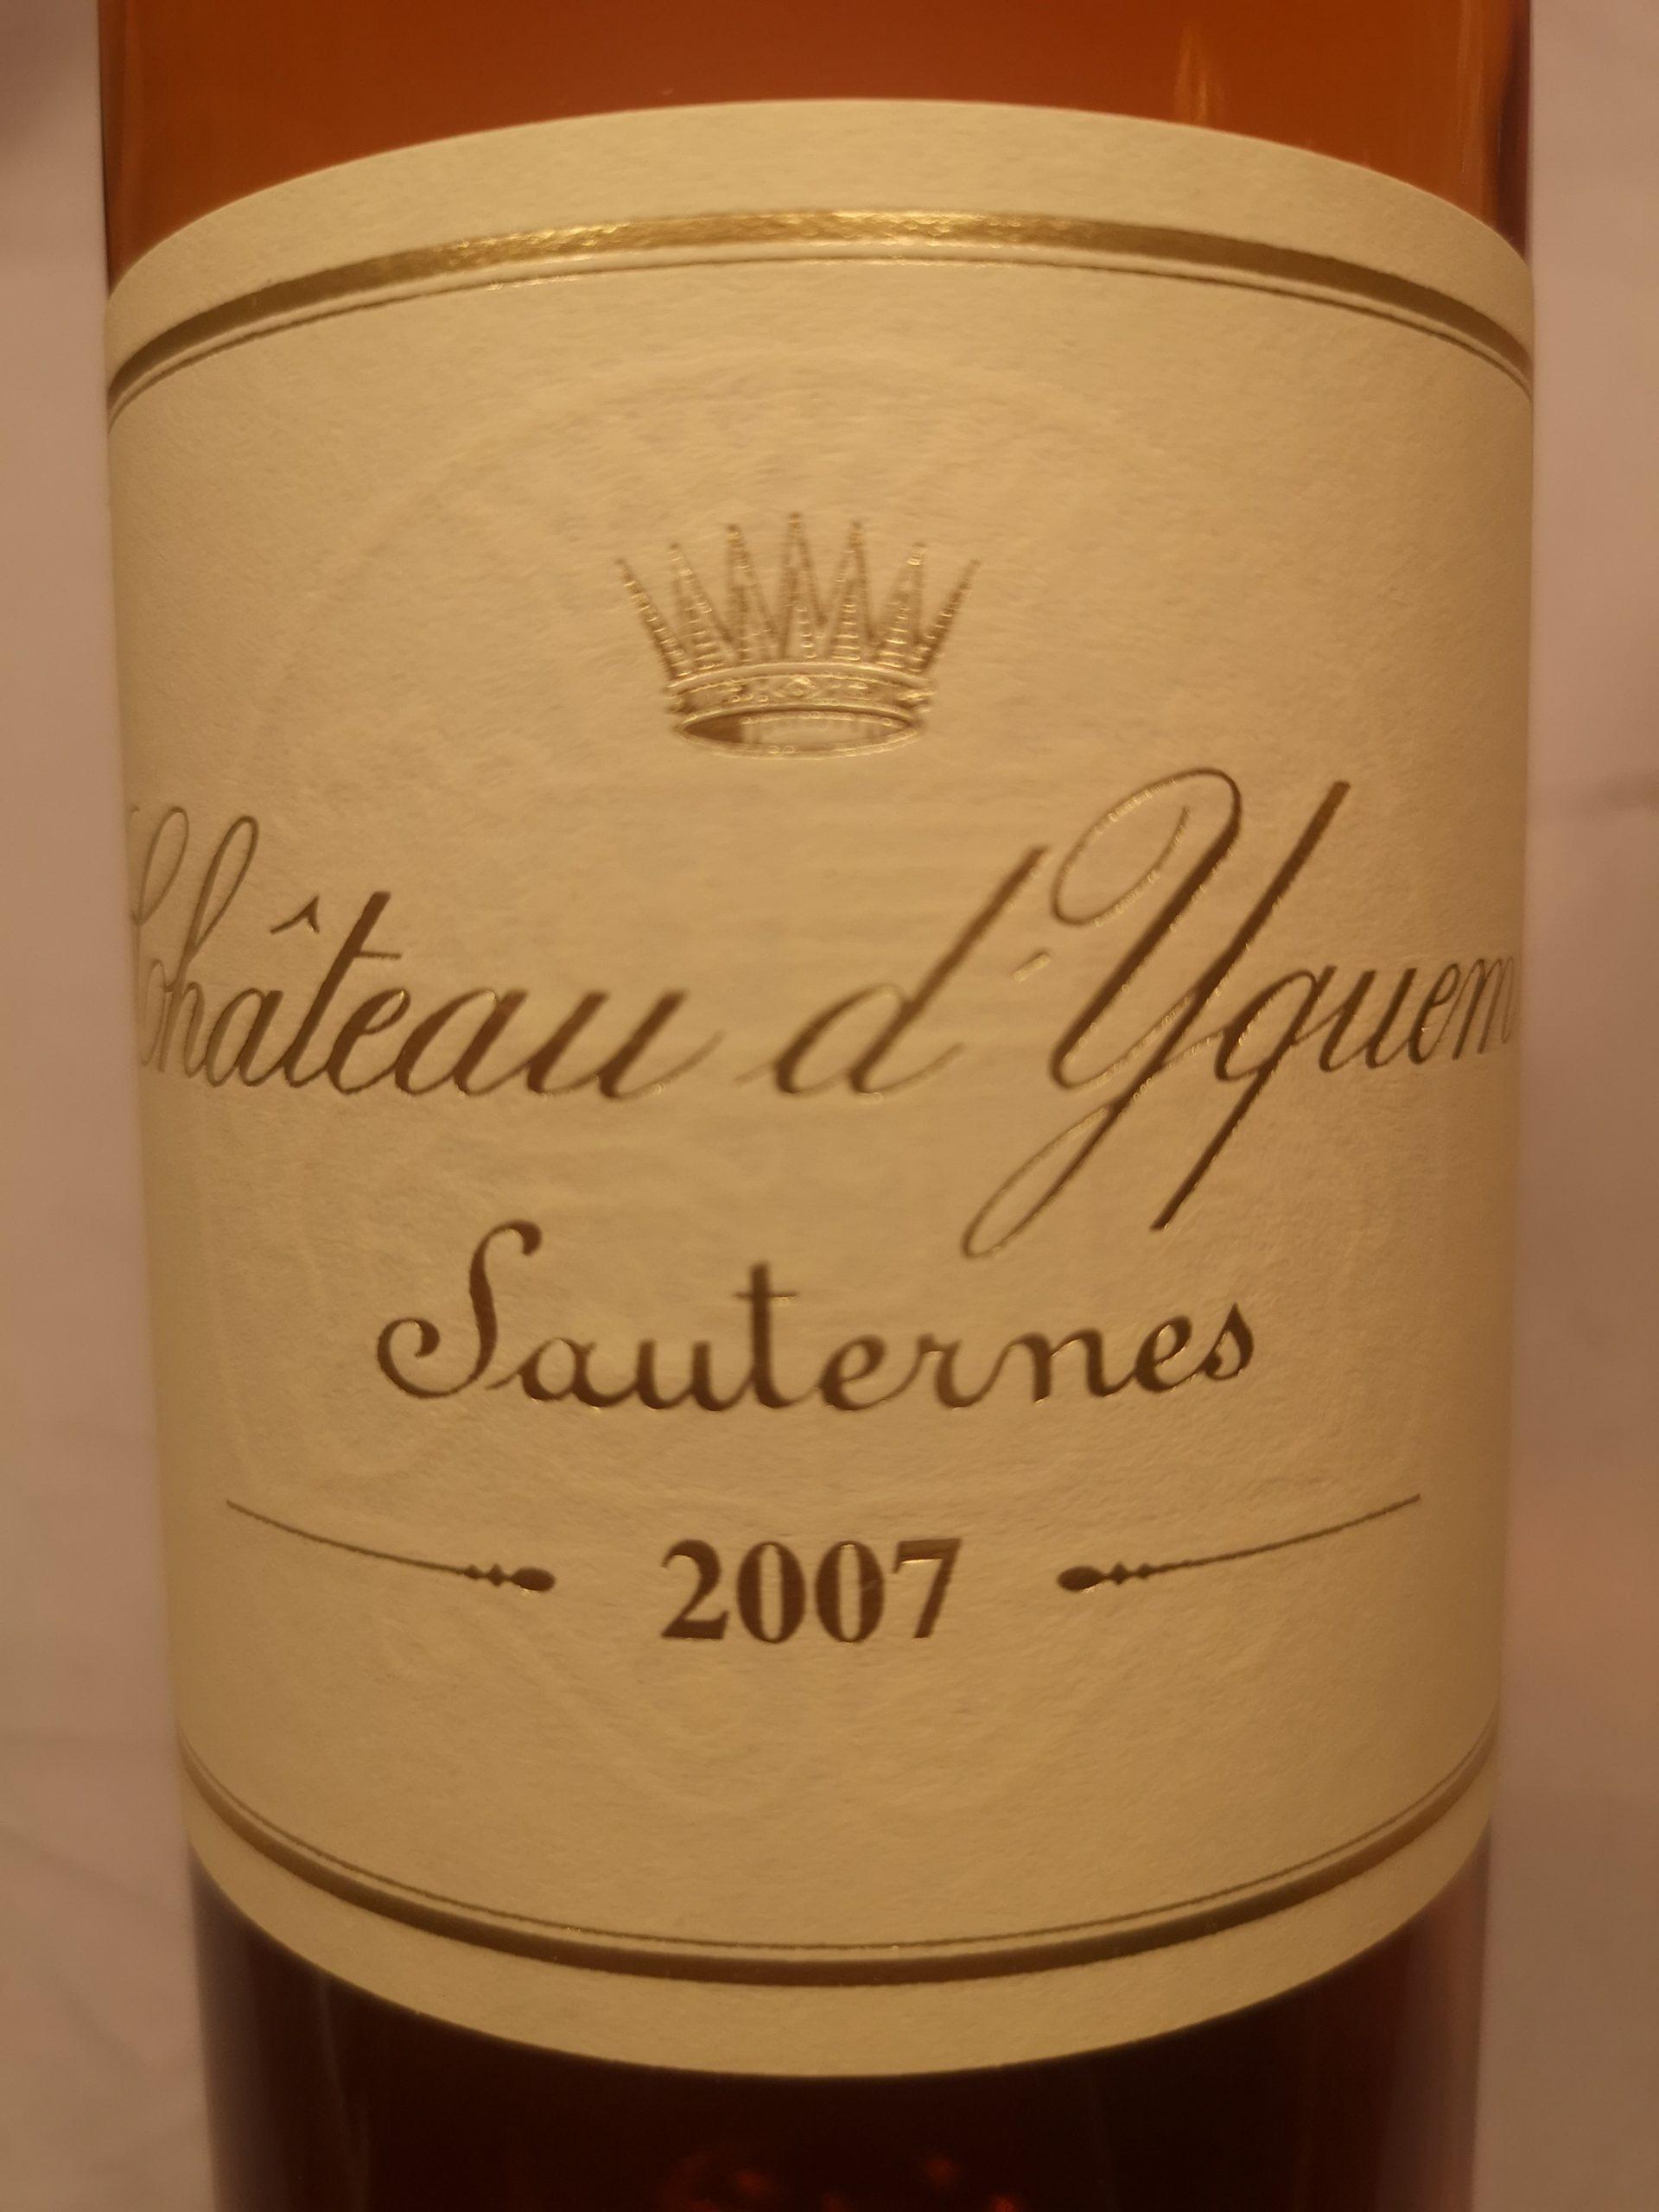 2007 Château d'Yquem | Château d'Yquem